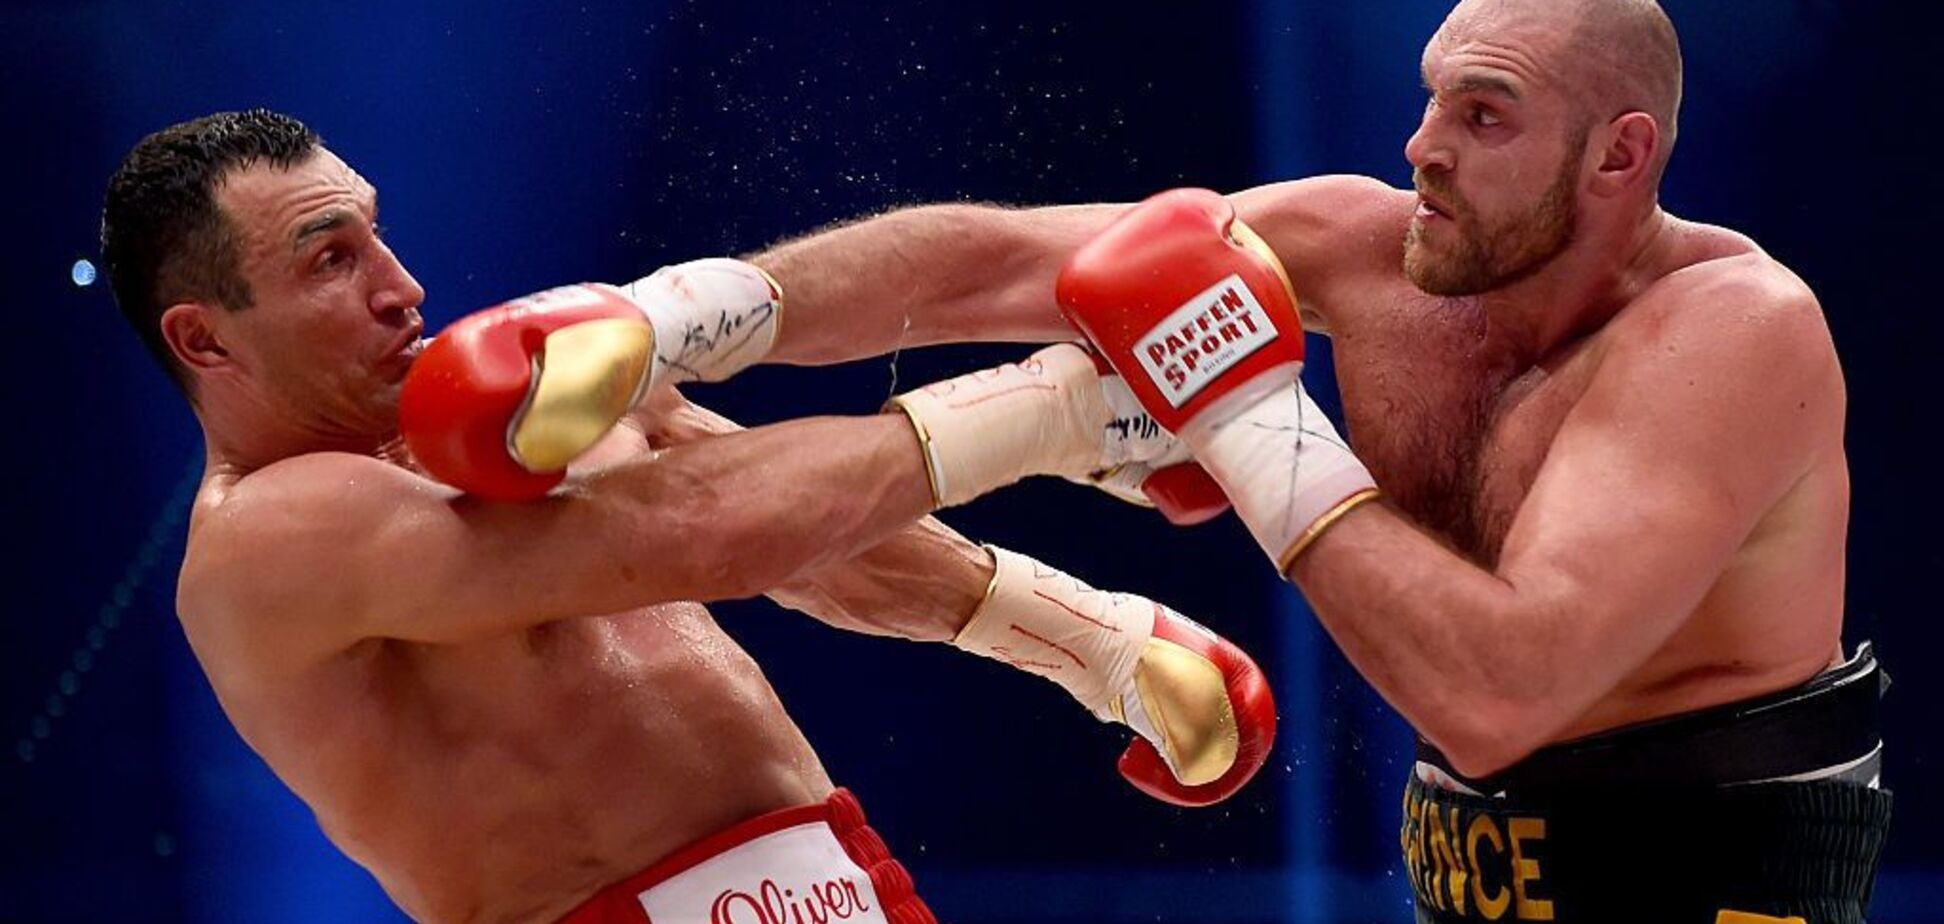 ''Ему пришлось'': легендарный чемпион рассказал, почему на самом деле Кличко проиграл Фьюри